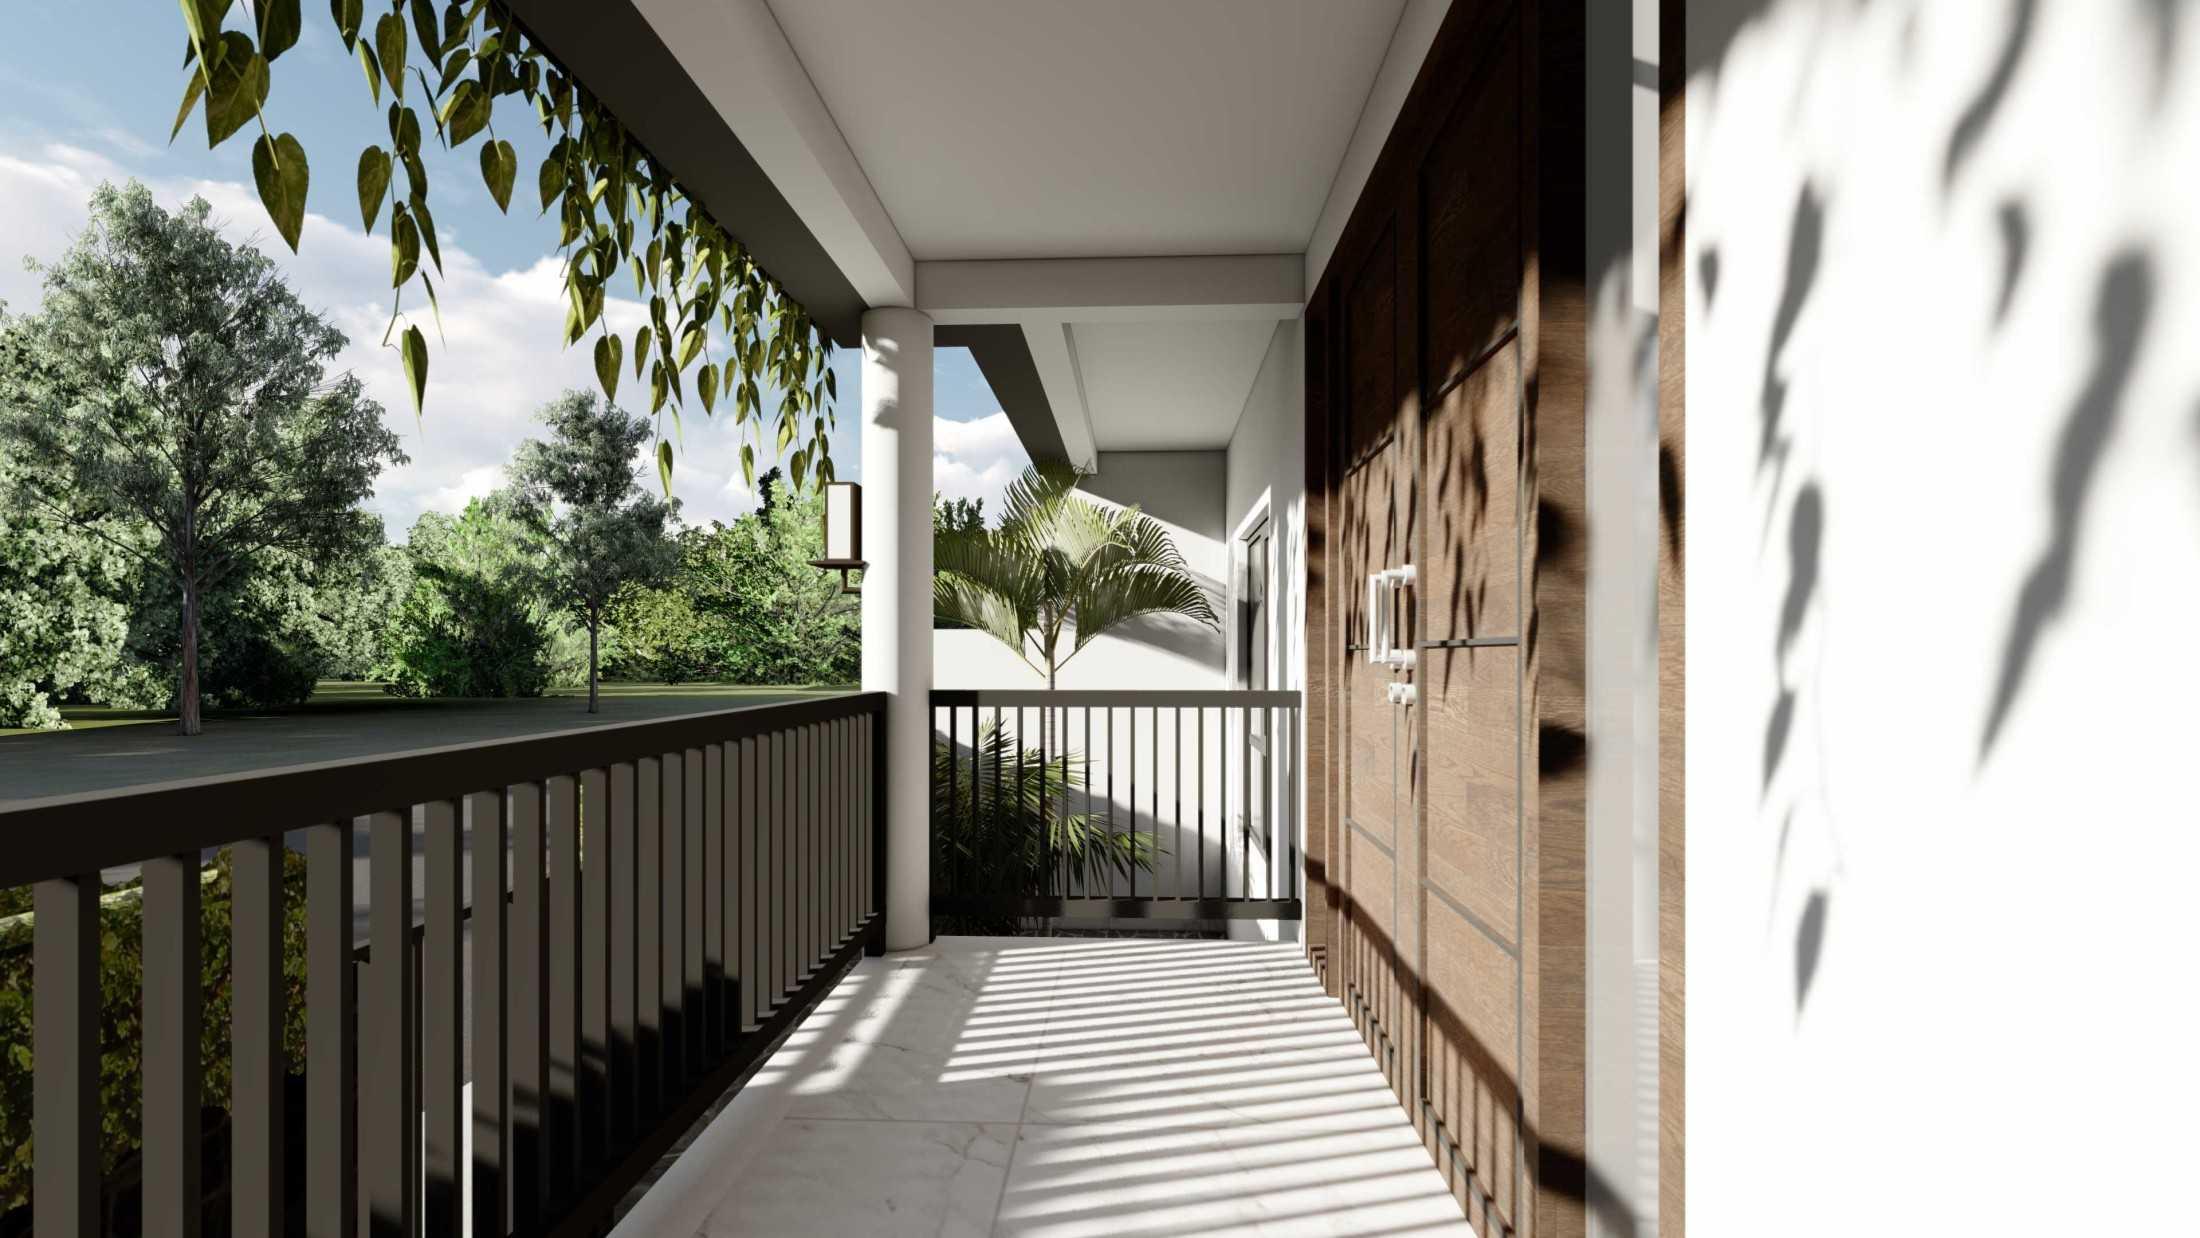 Astabumi Studio Ws House Slawi Tegal, Kota Tegal, Jawa Tengah, Indonesia Padang Cv-Astabumi-Manunggal-Prakarsa-Rumah-2-Lantai-Modern-Lokal  119353